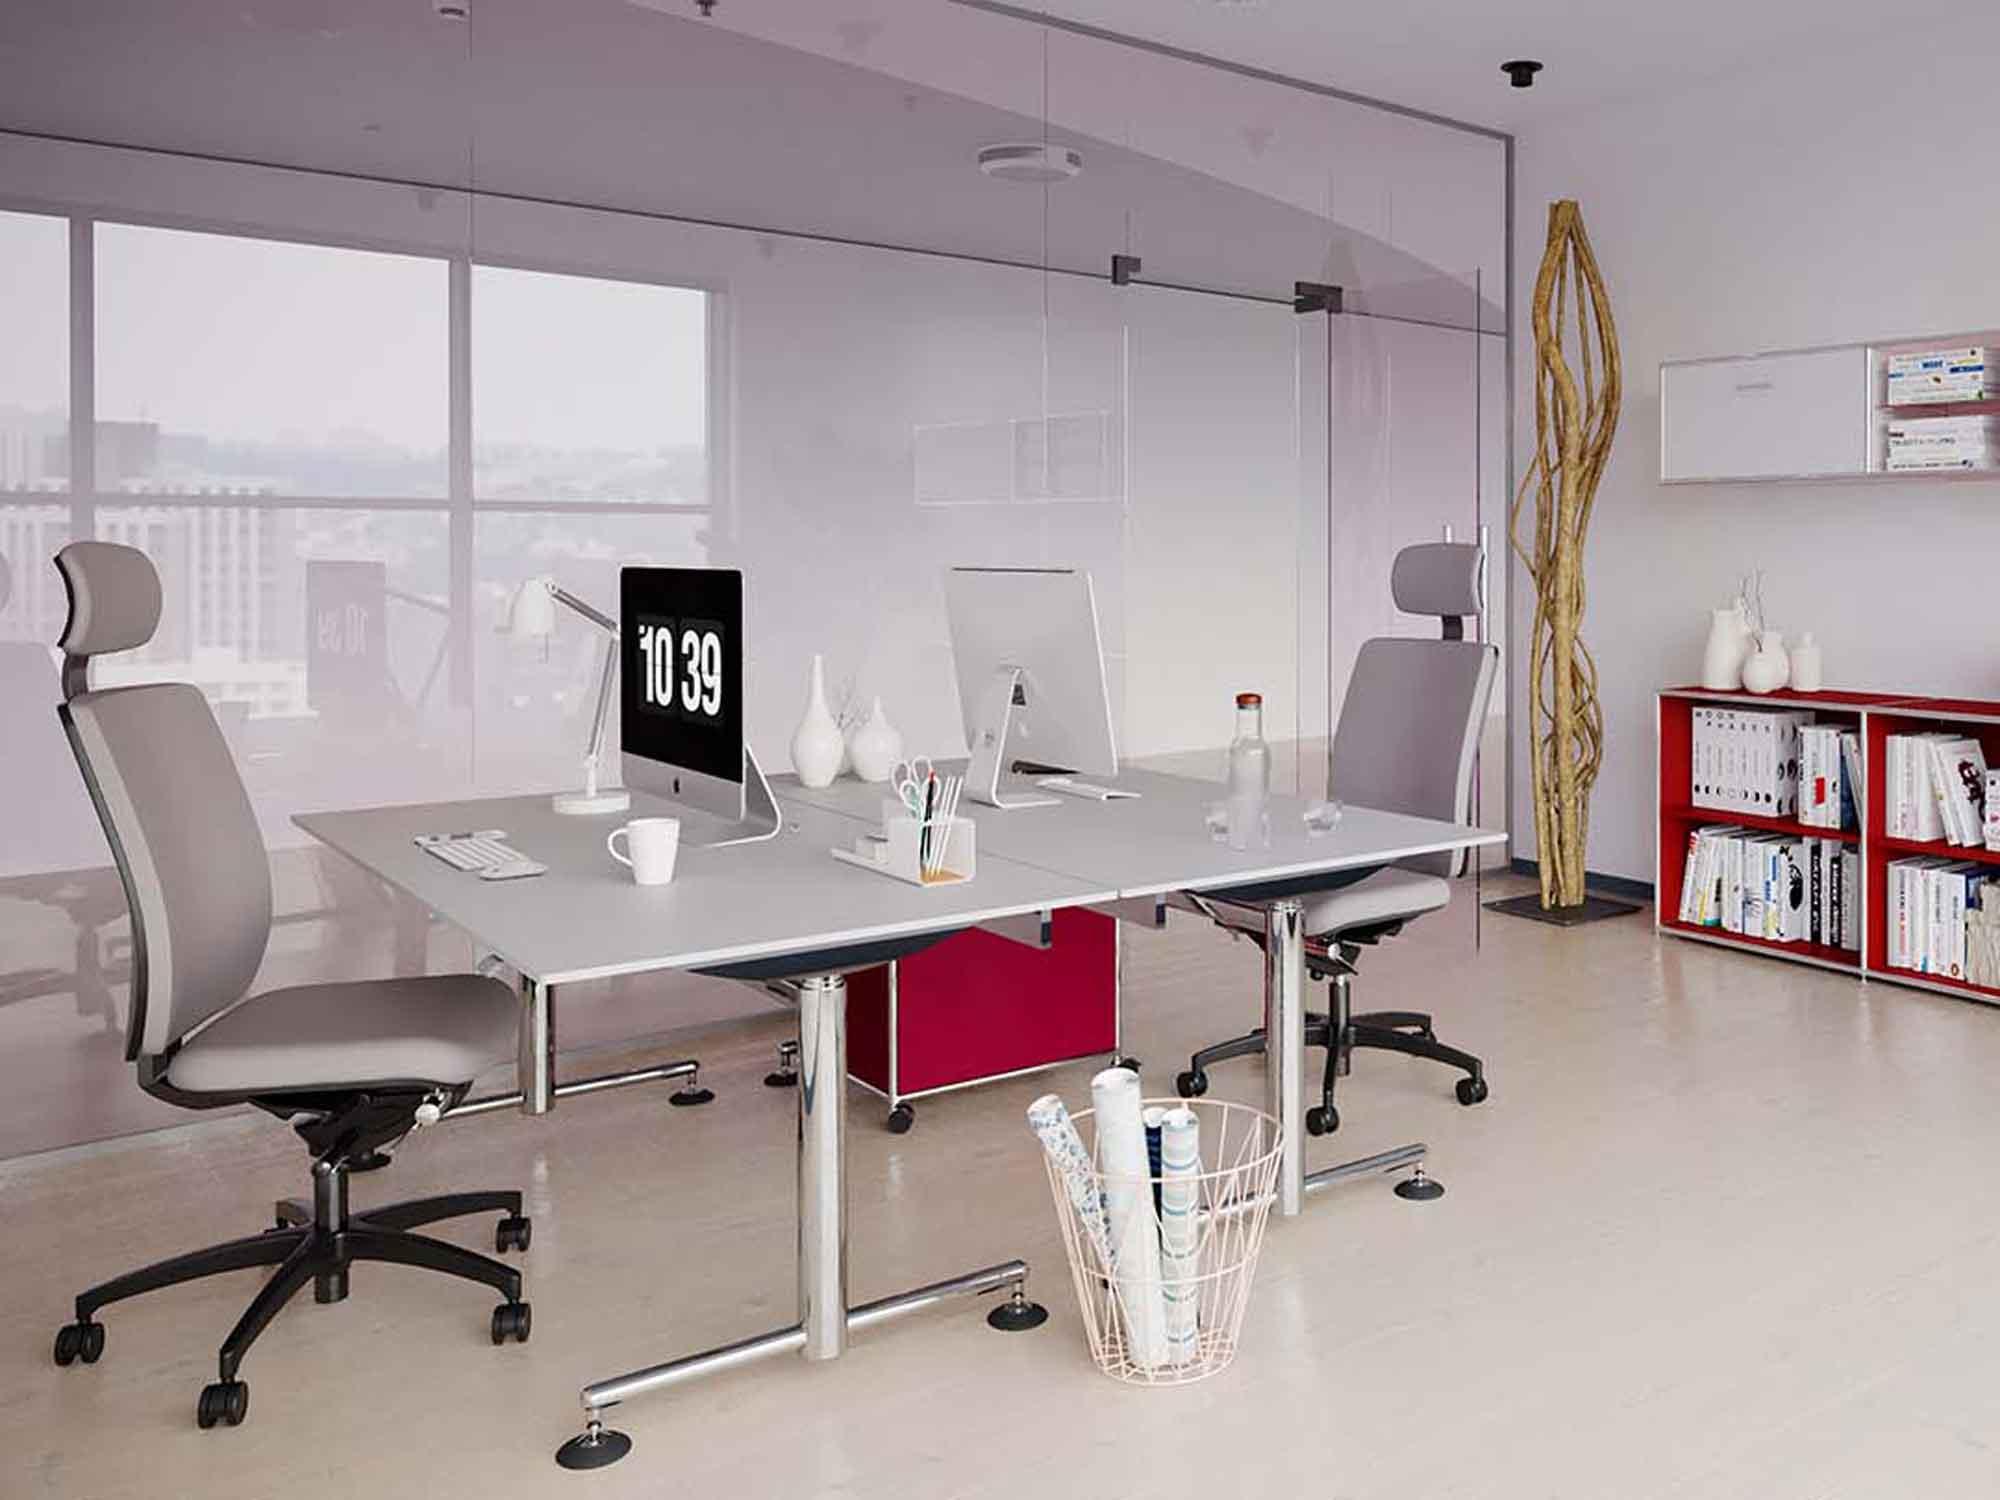 Chefbüro_mit_hoehenverstellbaren_Schreibtisch_hinter_Glaswand